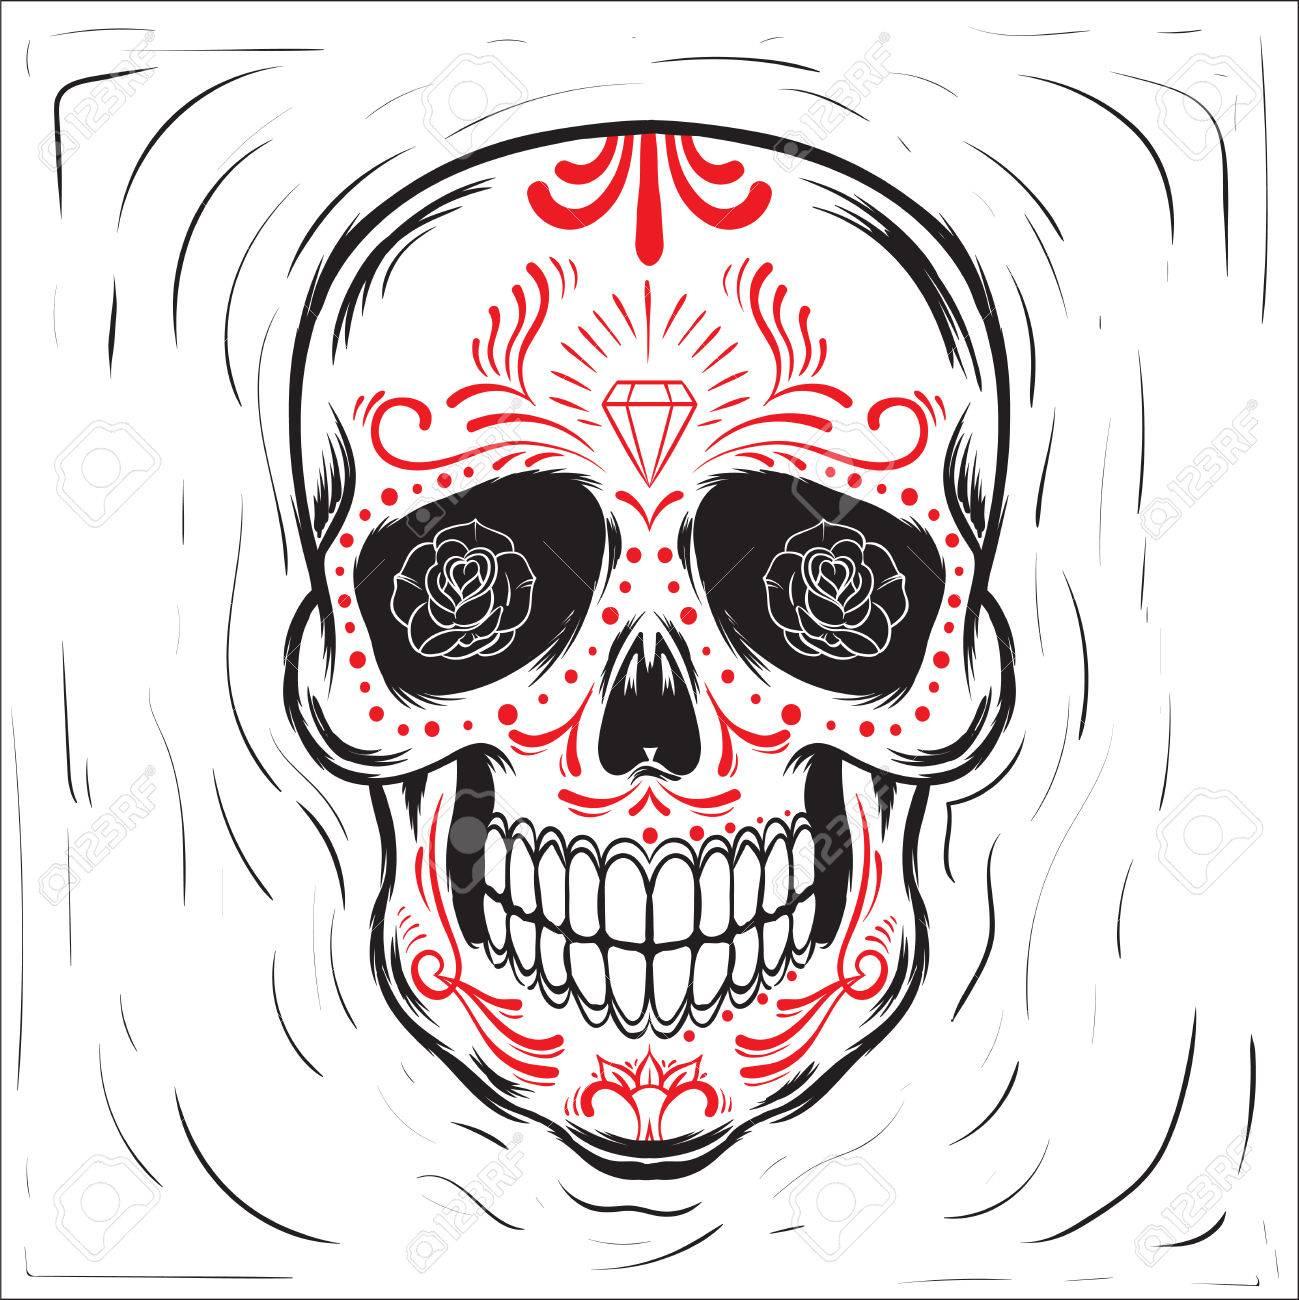 1299x1300 Mexican Sugar Skull. Dia De Los Muertos Day Of The Dead Block